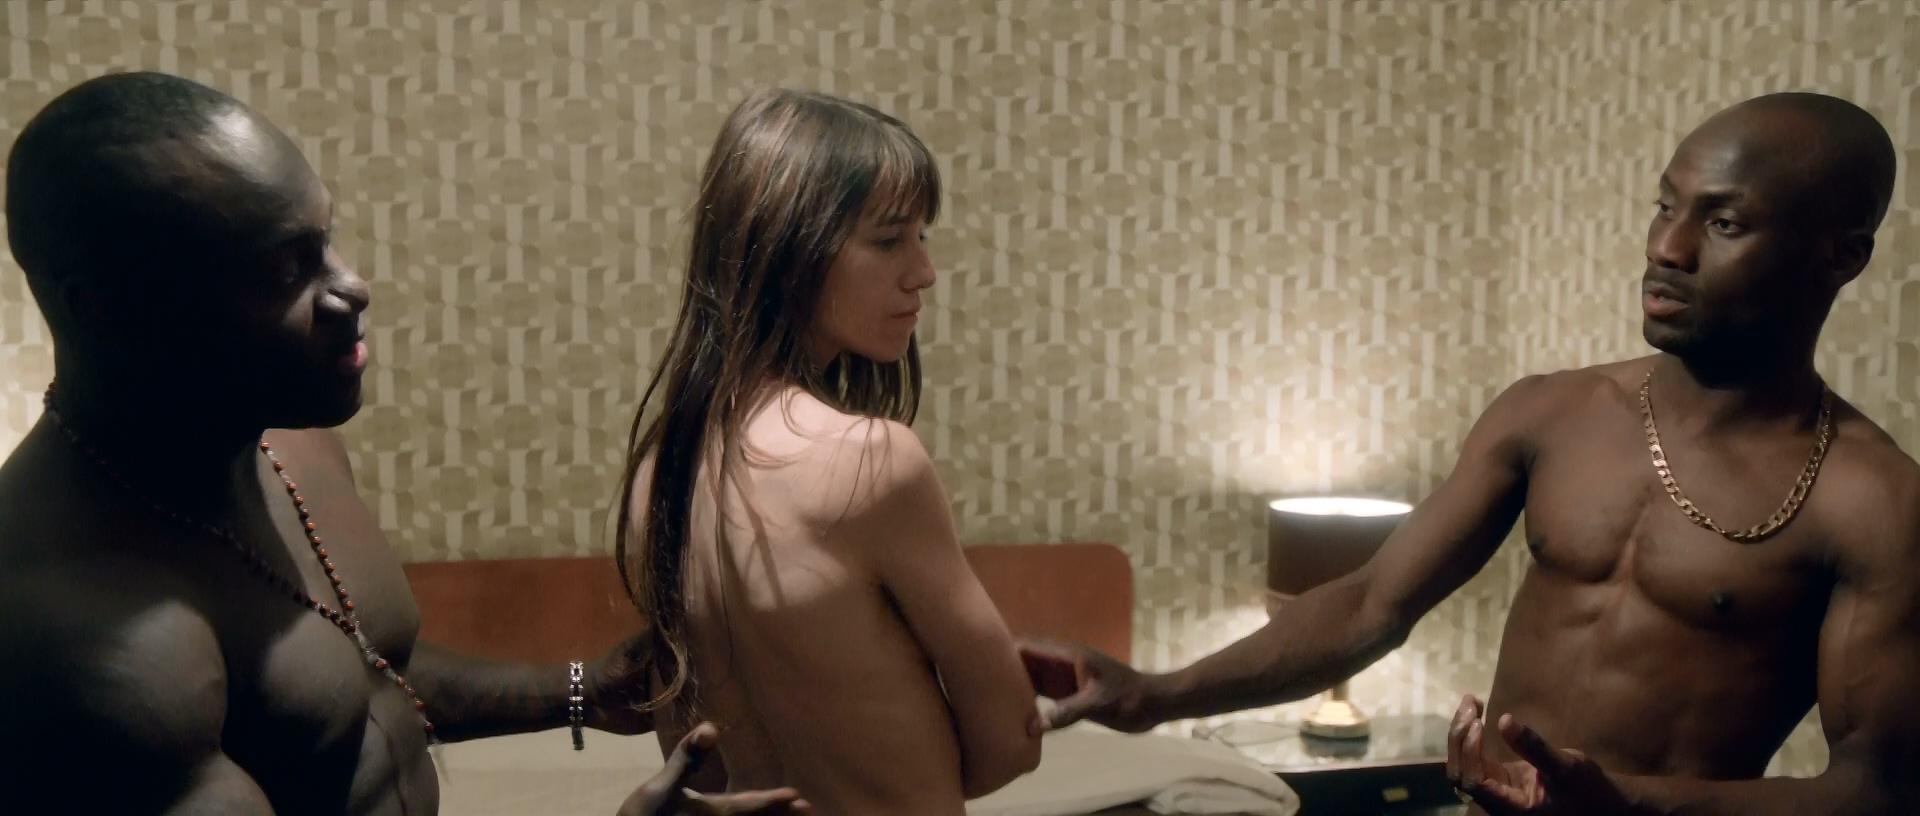 Откровенные сцены порно — 4